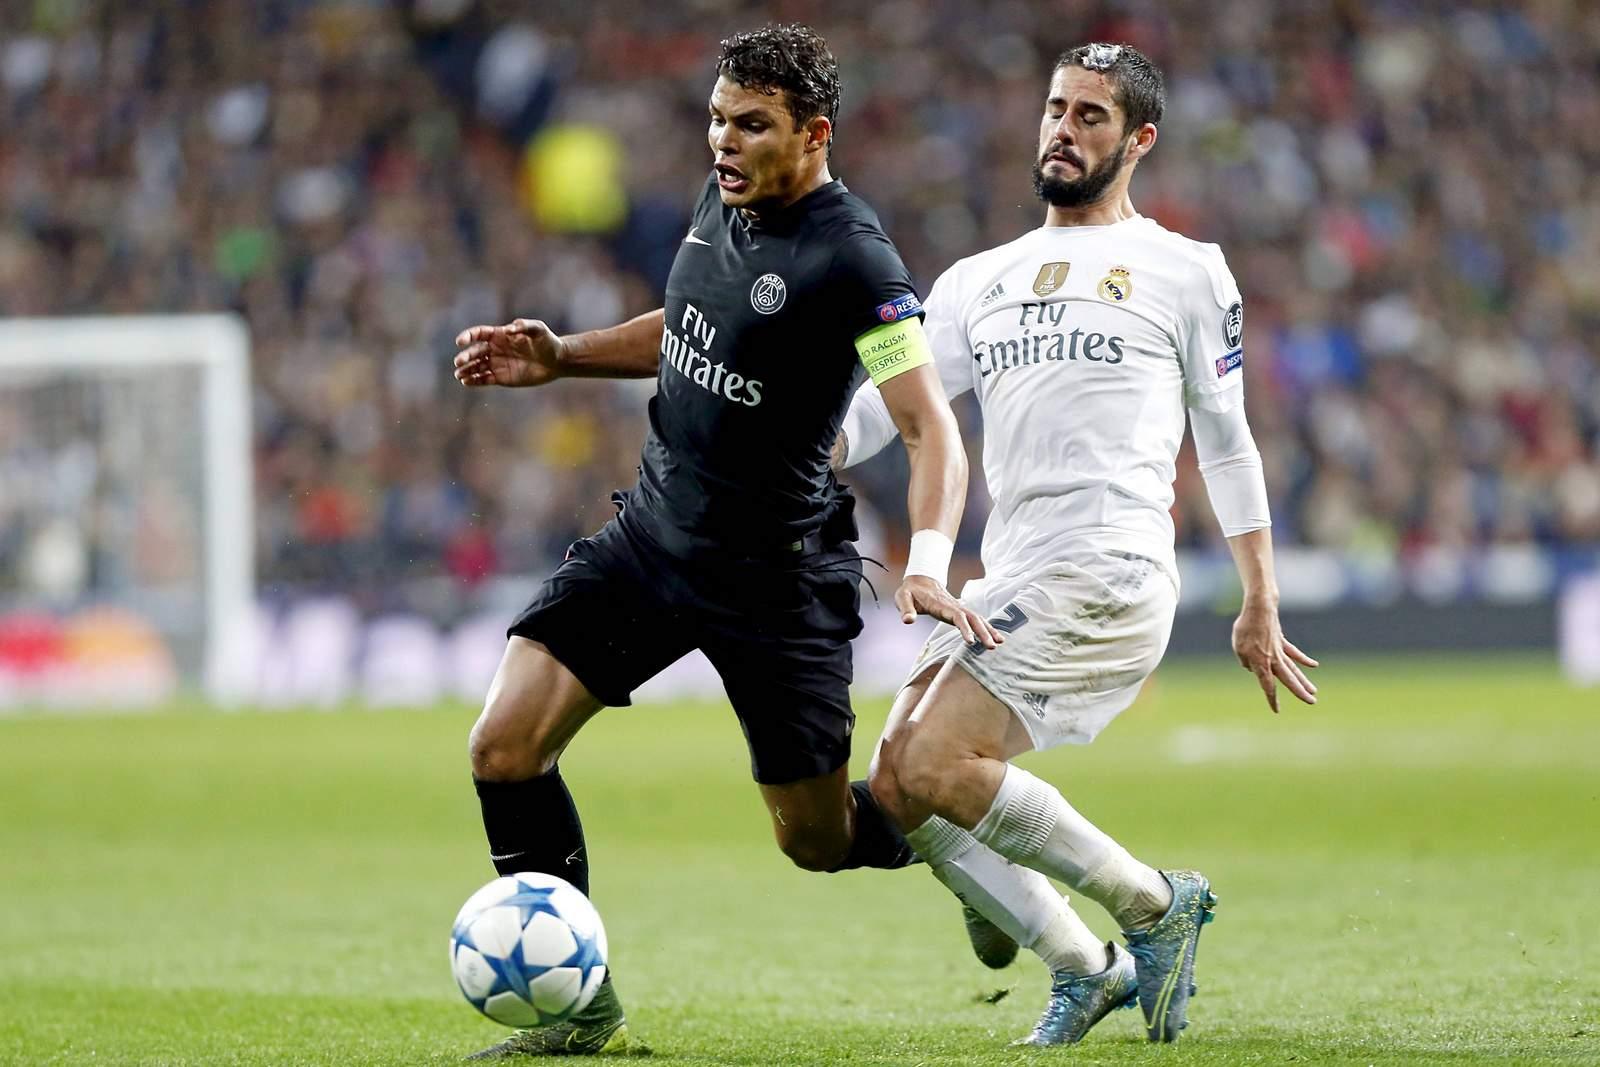 Thiago Silva im Duell mit Isco. Jetzt auf die Partie PSG gegen Real wetten.